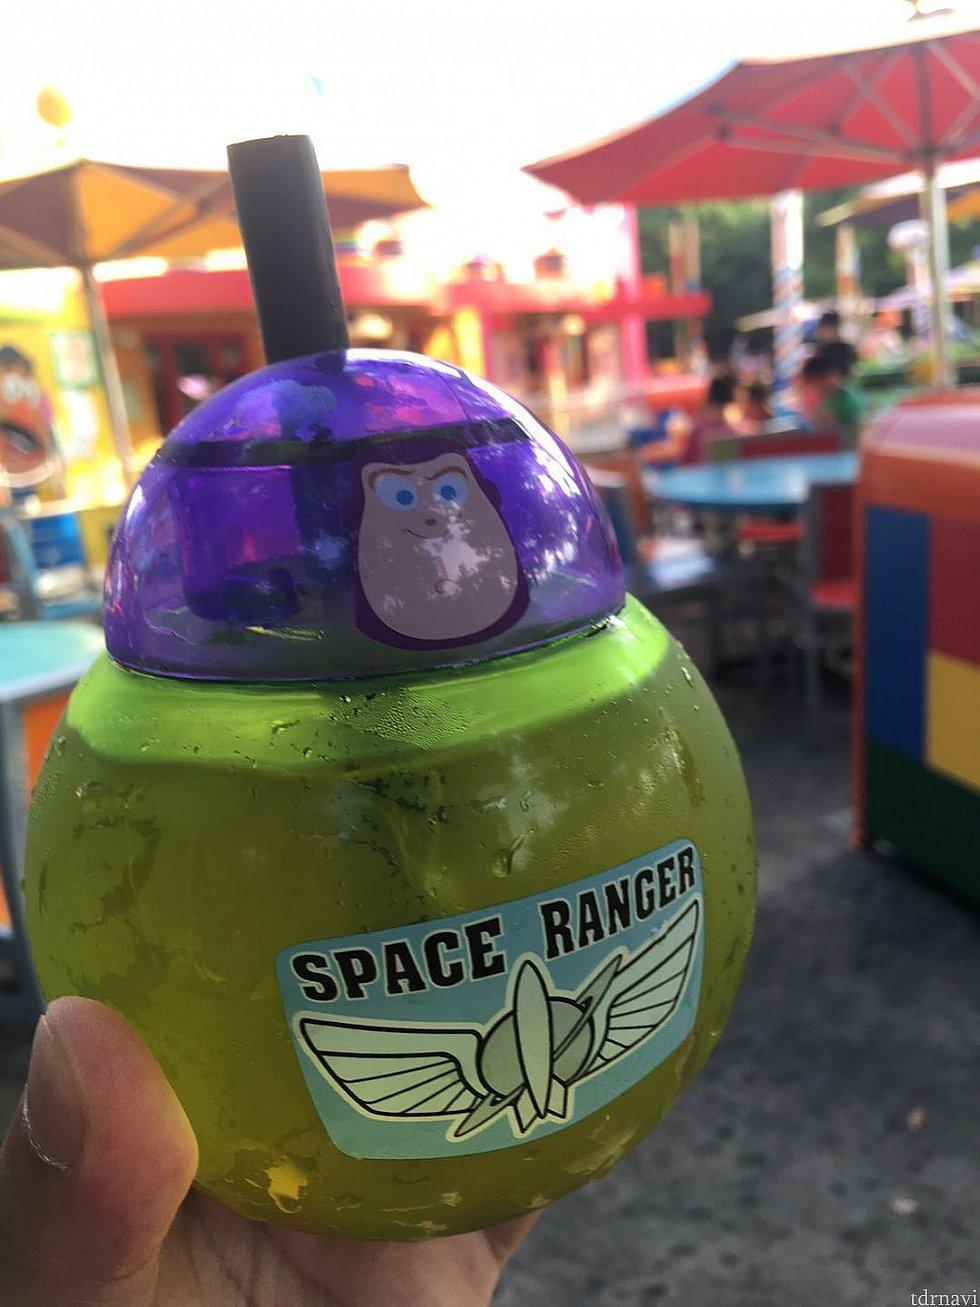 紫色のヘッドと緑色の本体部分の位置をちゃんと合わせるとやっぱりカッコイイ👍